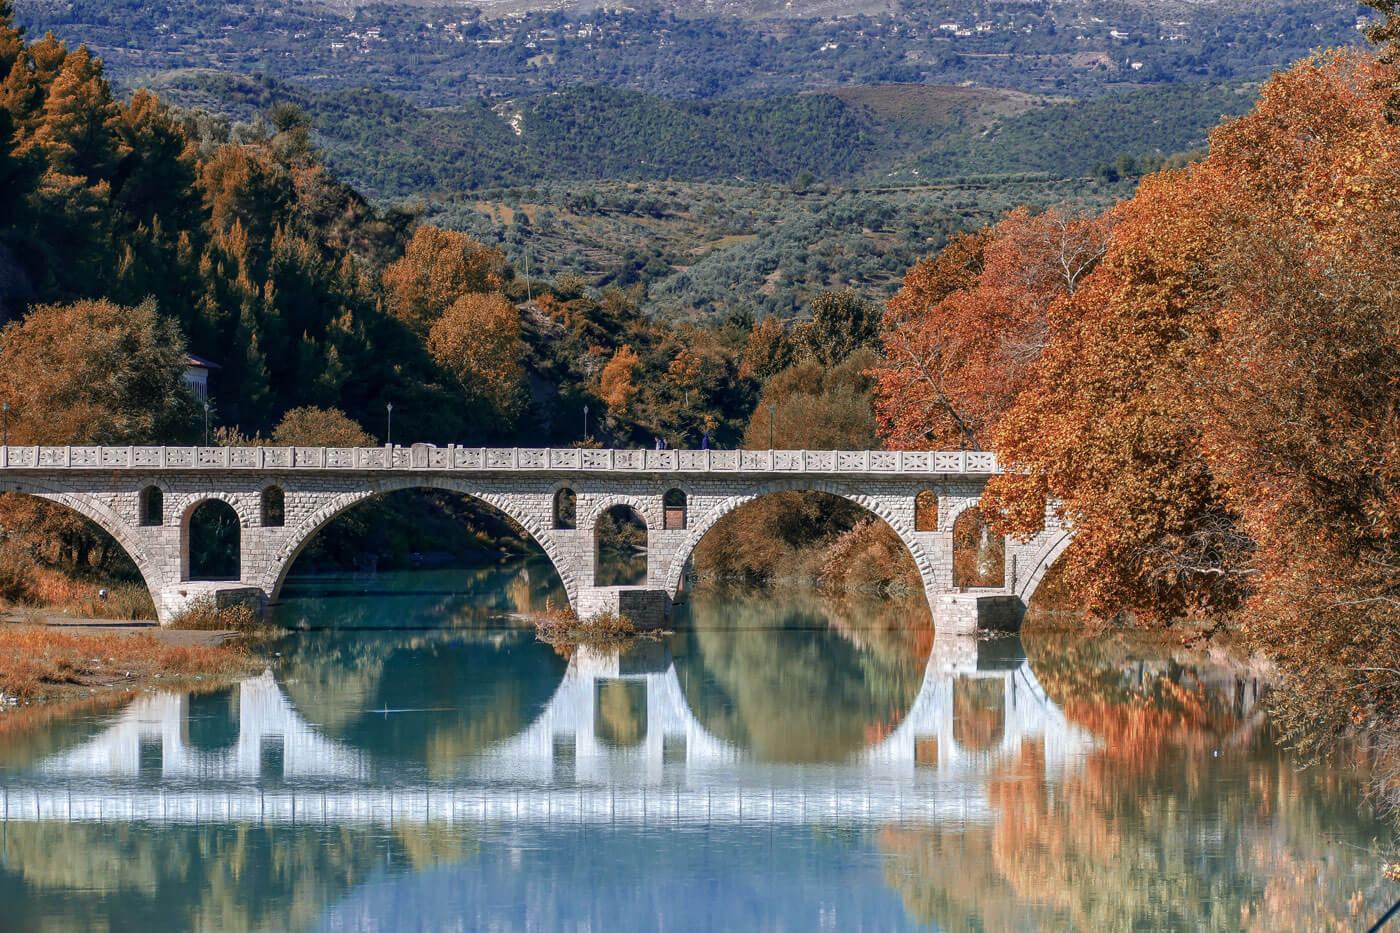 Romeinse brug in Berat Albanië